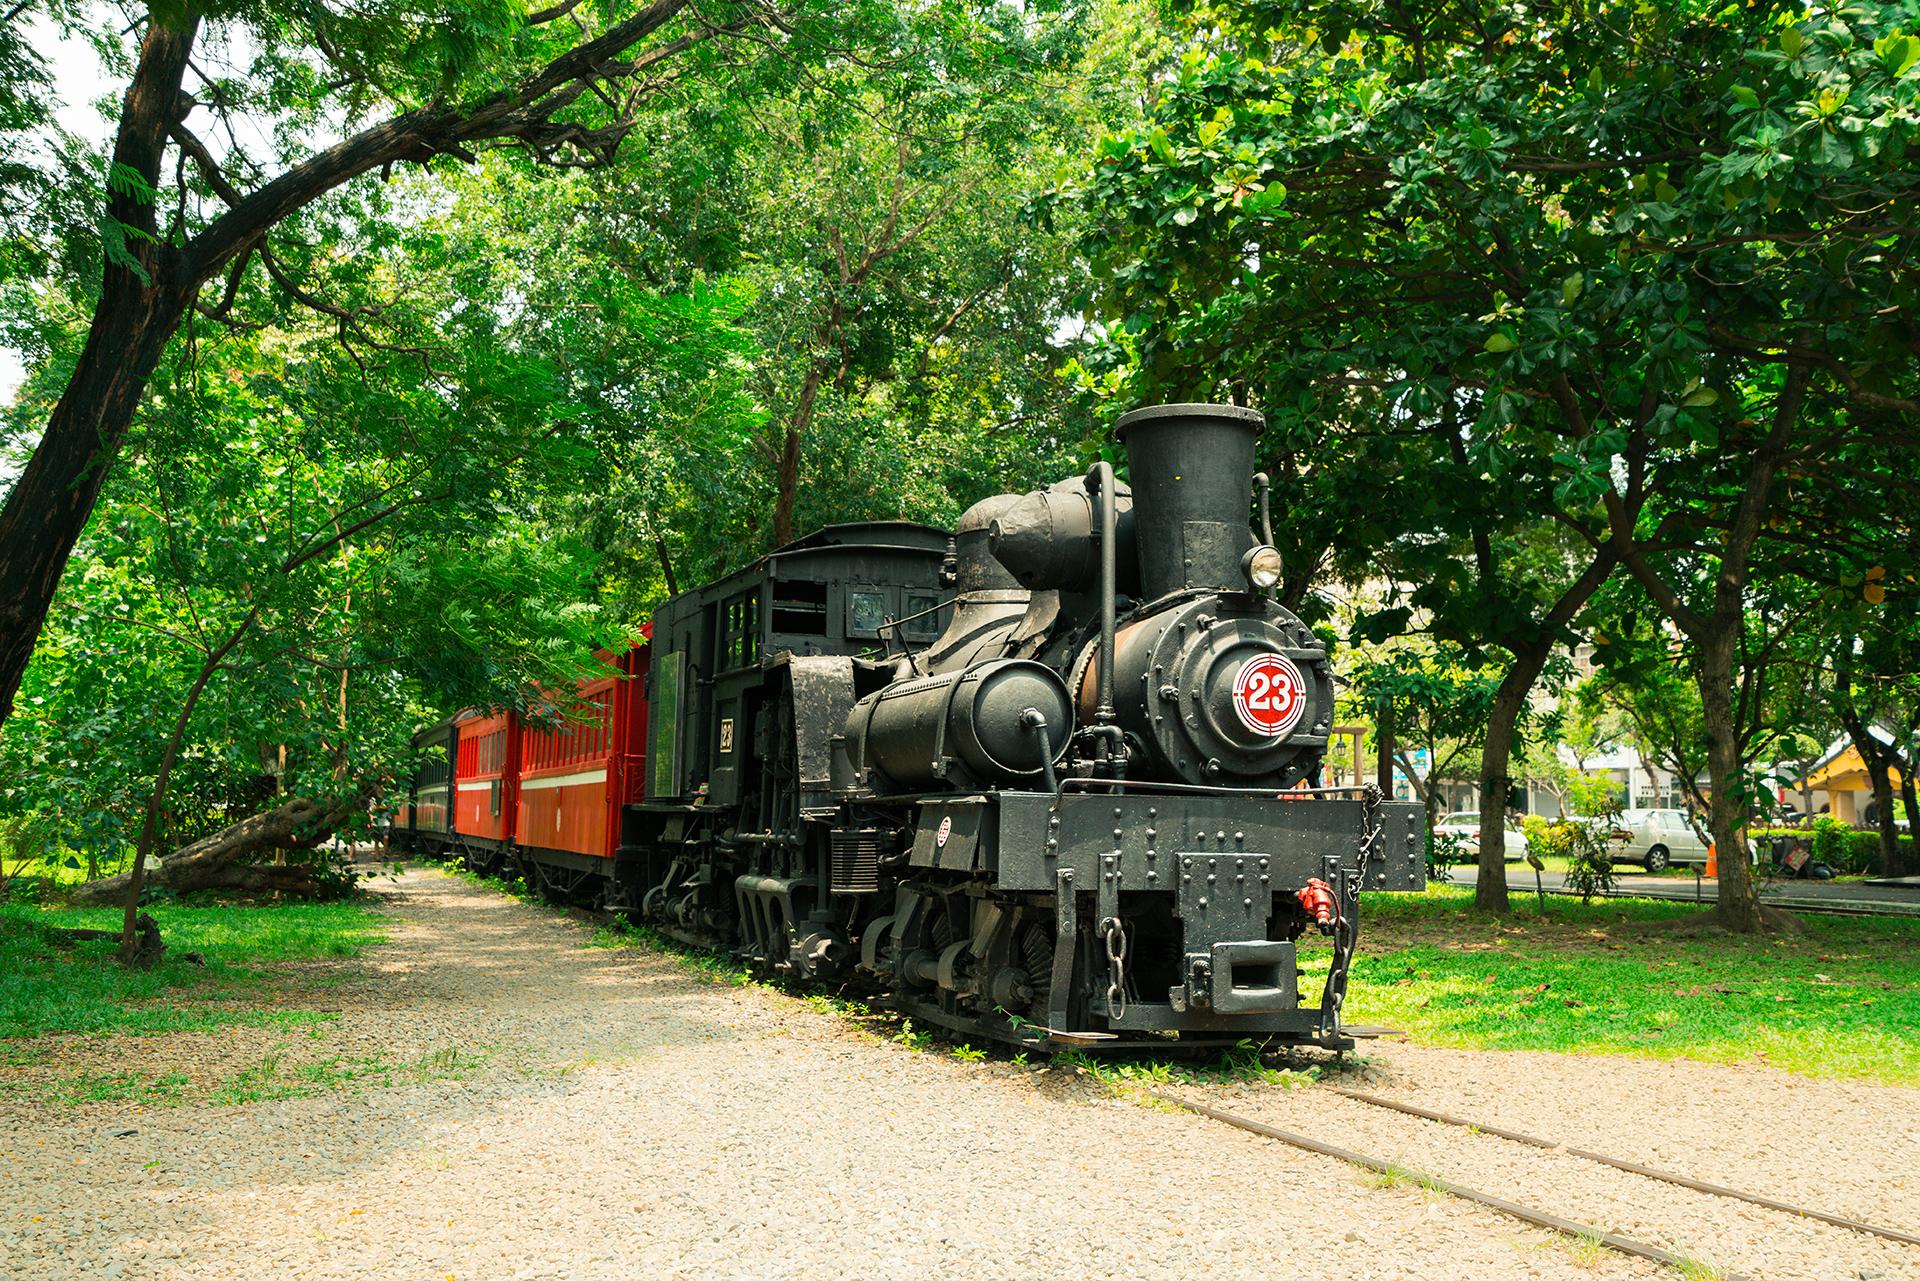 25号蒸汽機関車